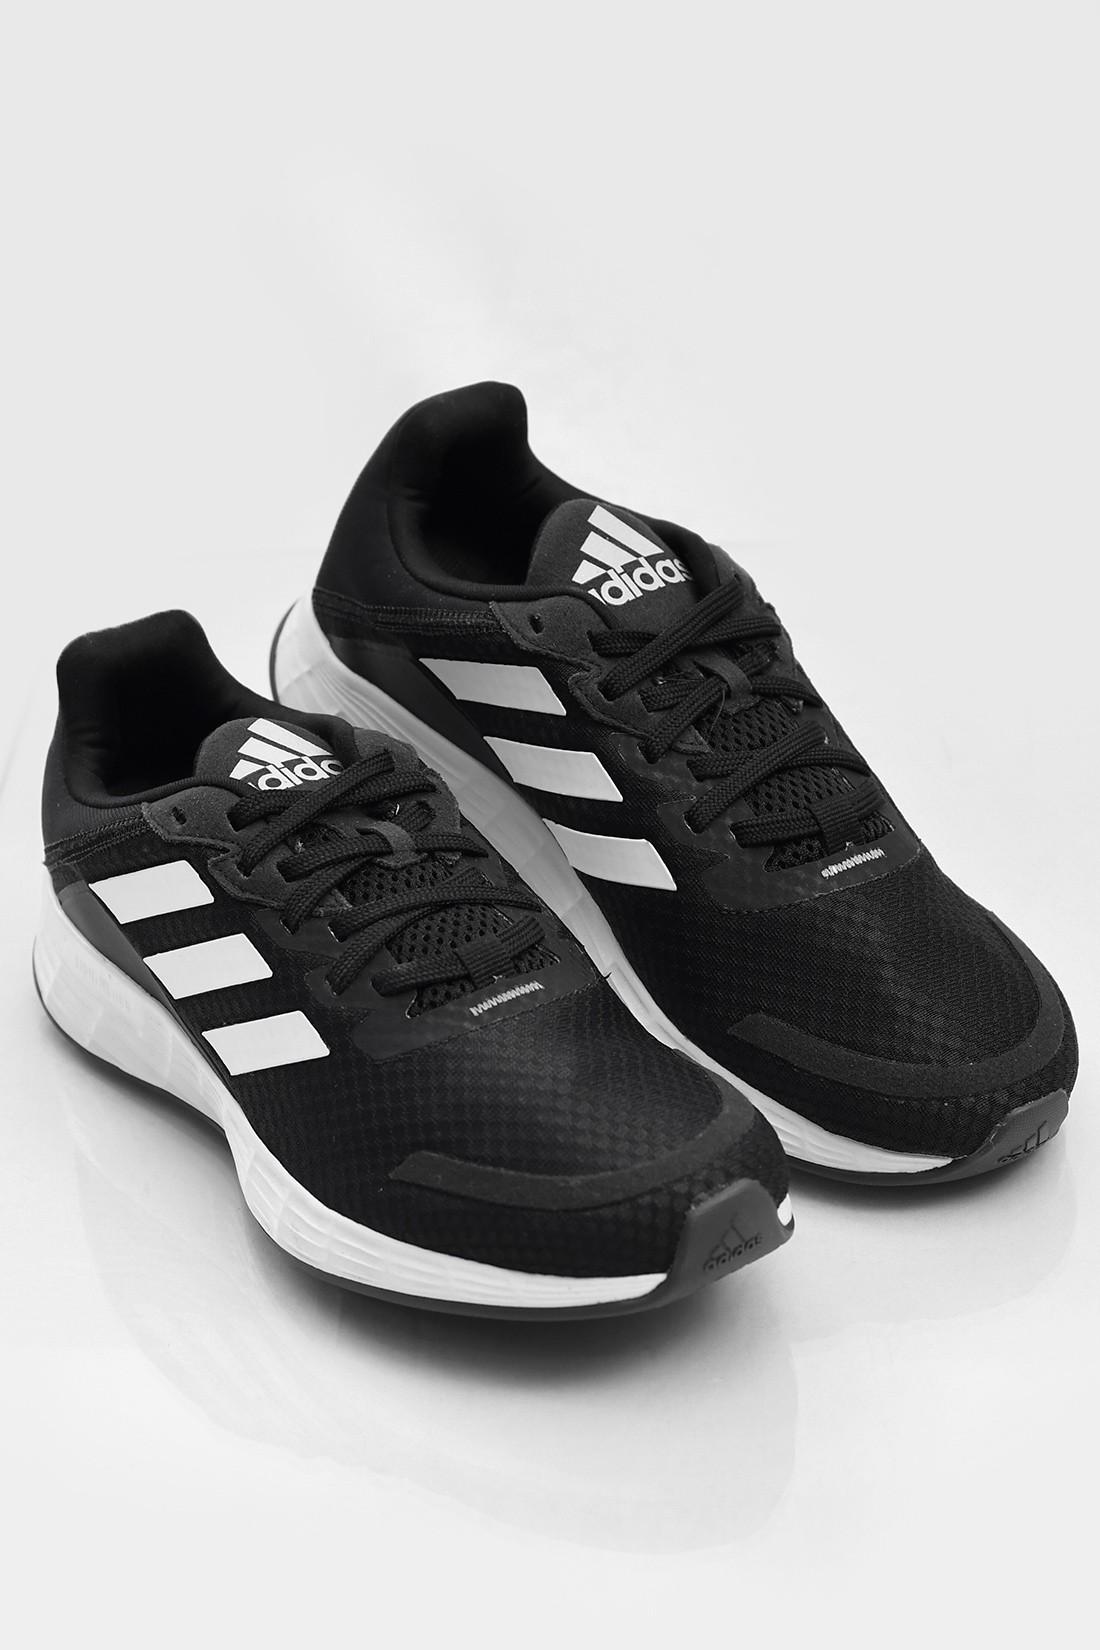 Tenis Running Adidas Duramo Sl